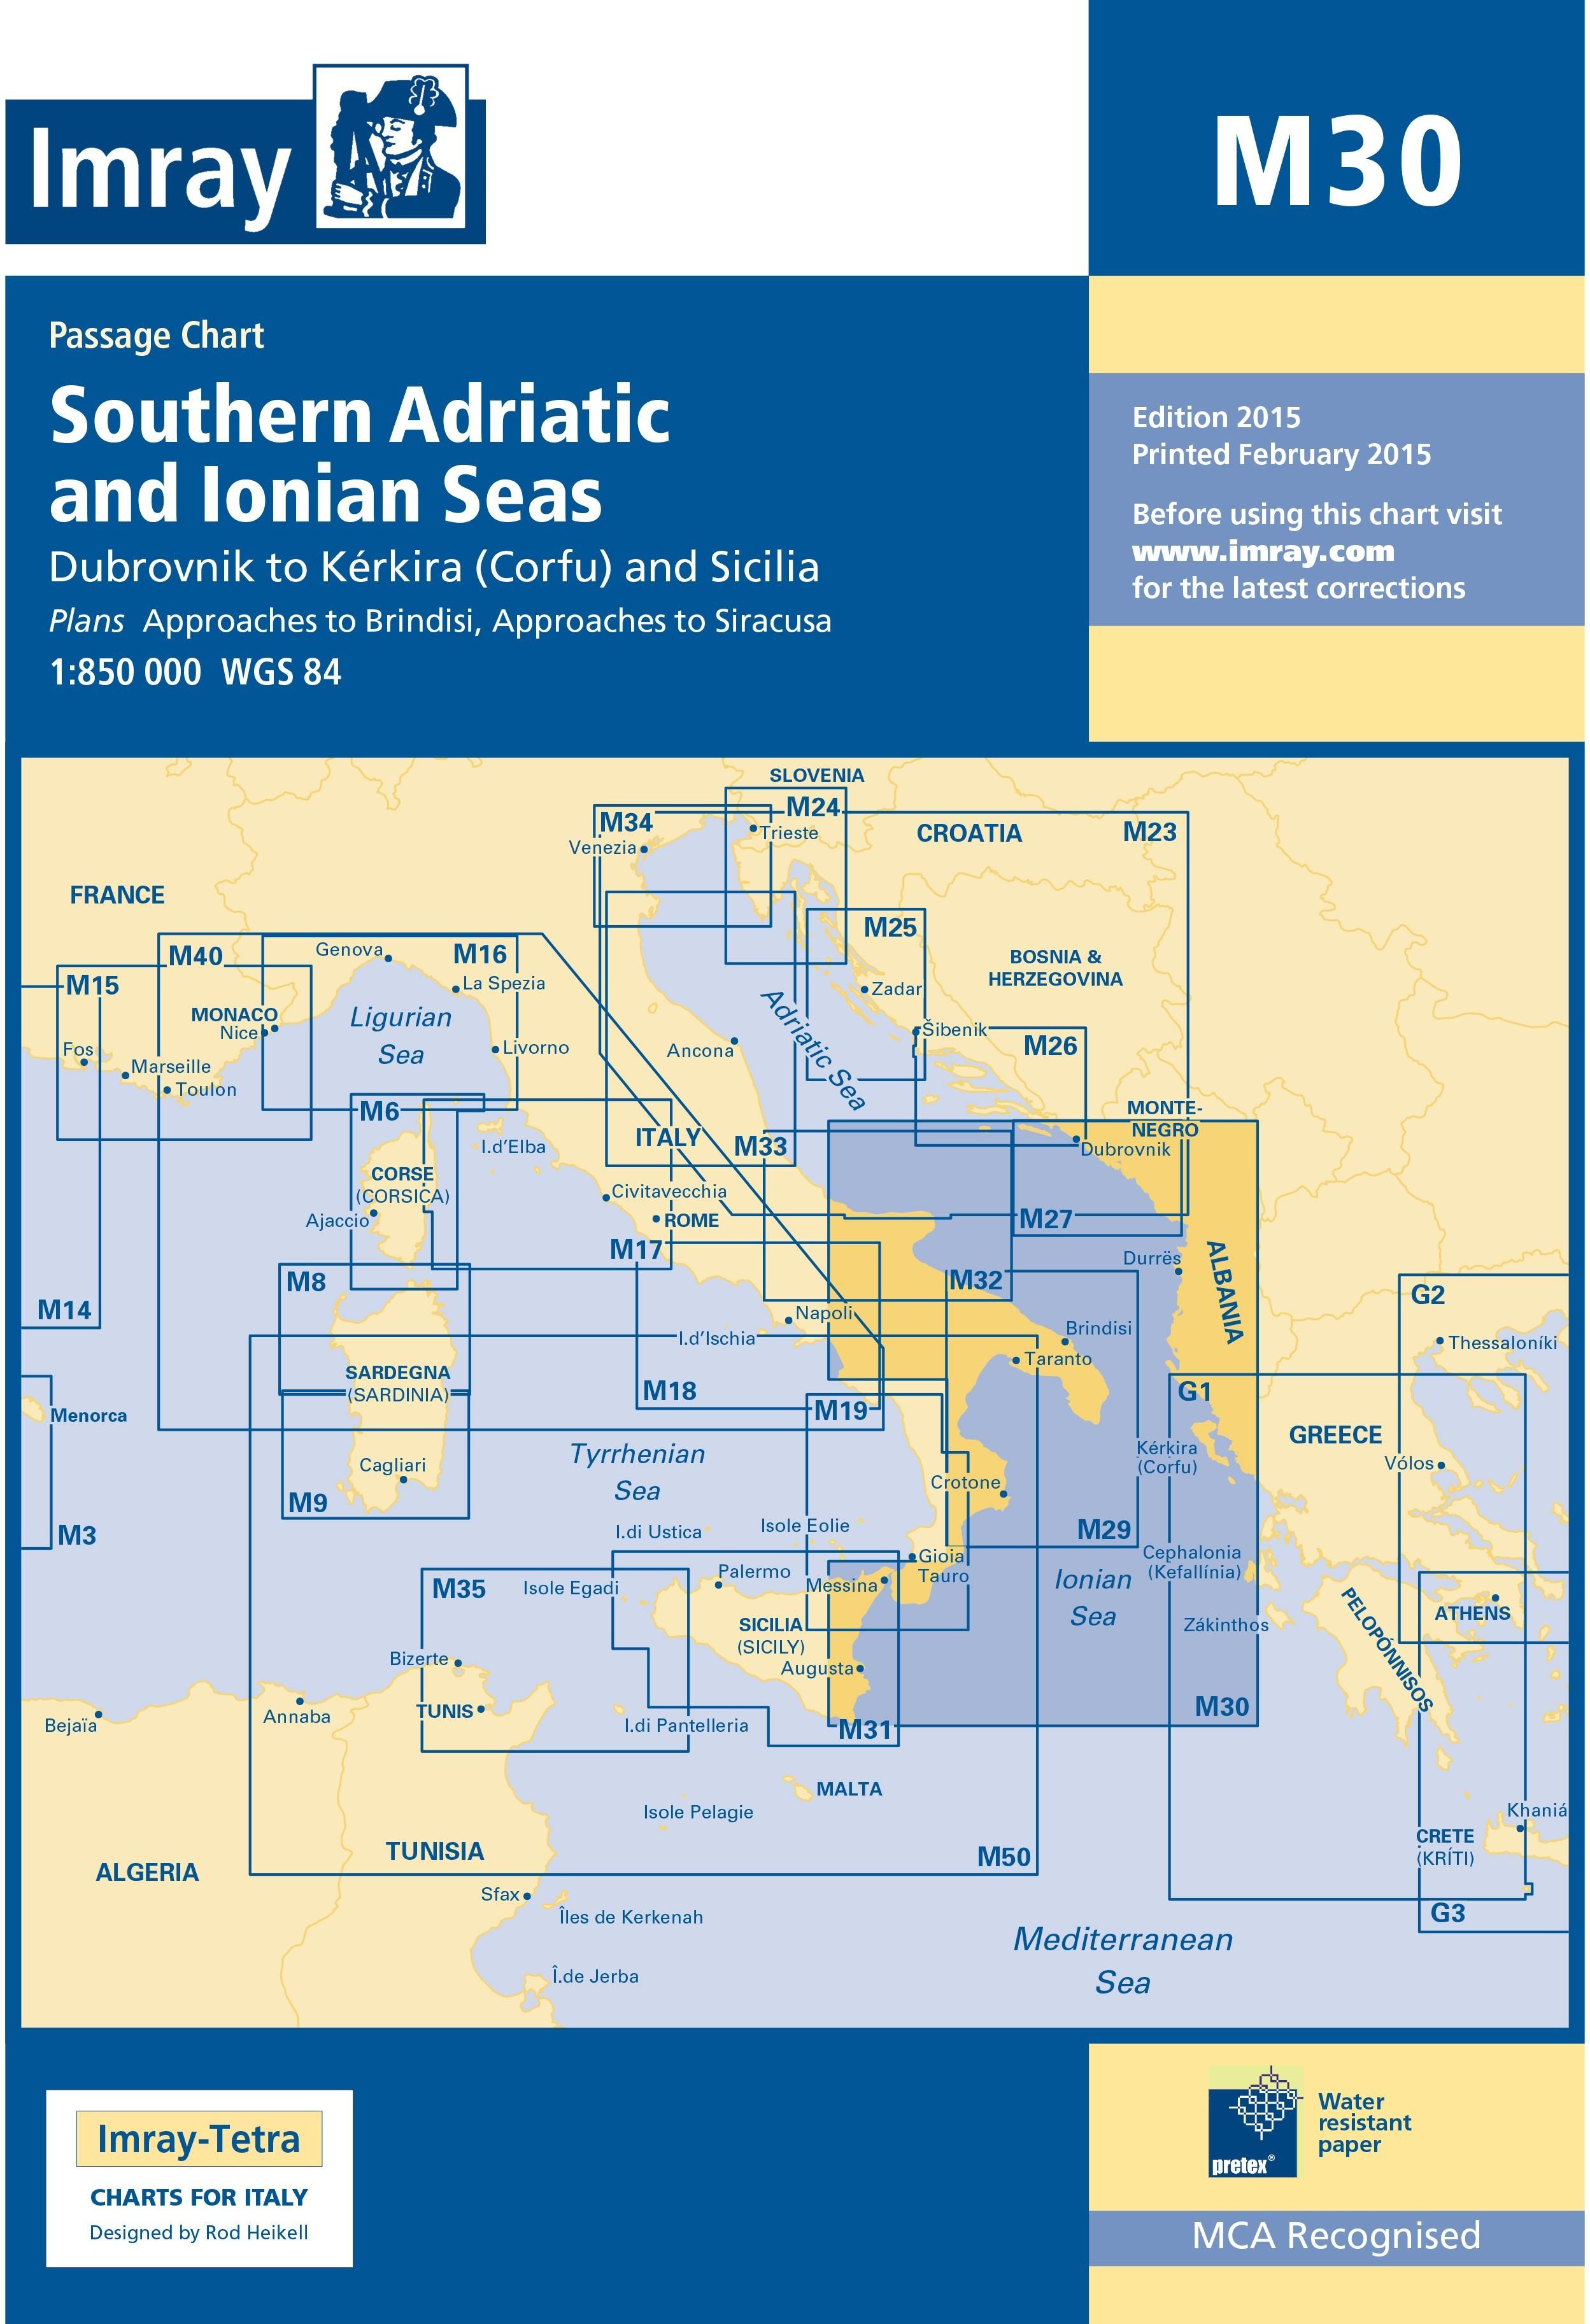 33.53 - Ναυτικός Χάρτης IMRAY ICM30-2 Νότια Αδριατική & Ιόνιο Πέλαγος